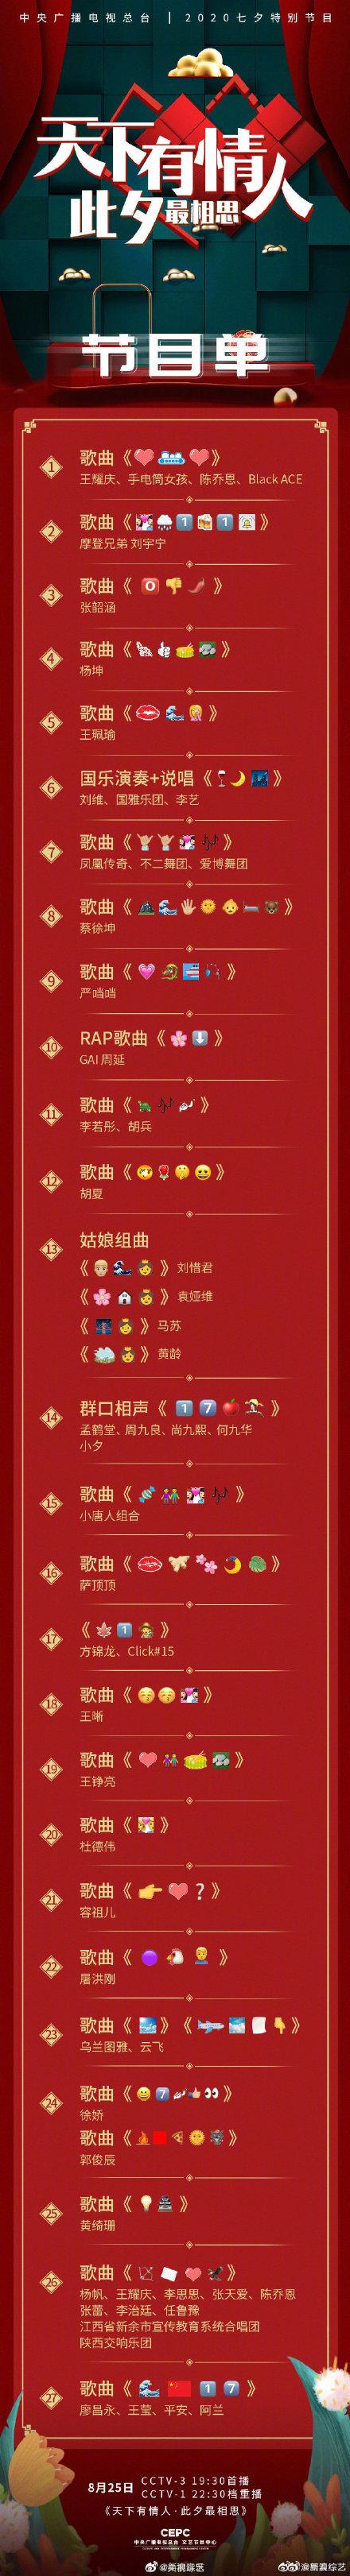 央视七夕晚会emoji节目单 今晚19:30 CCTV-